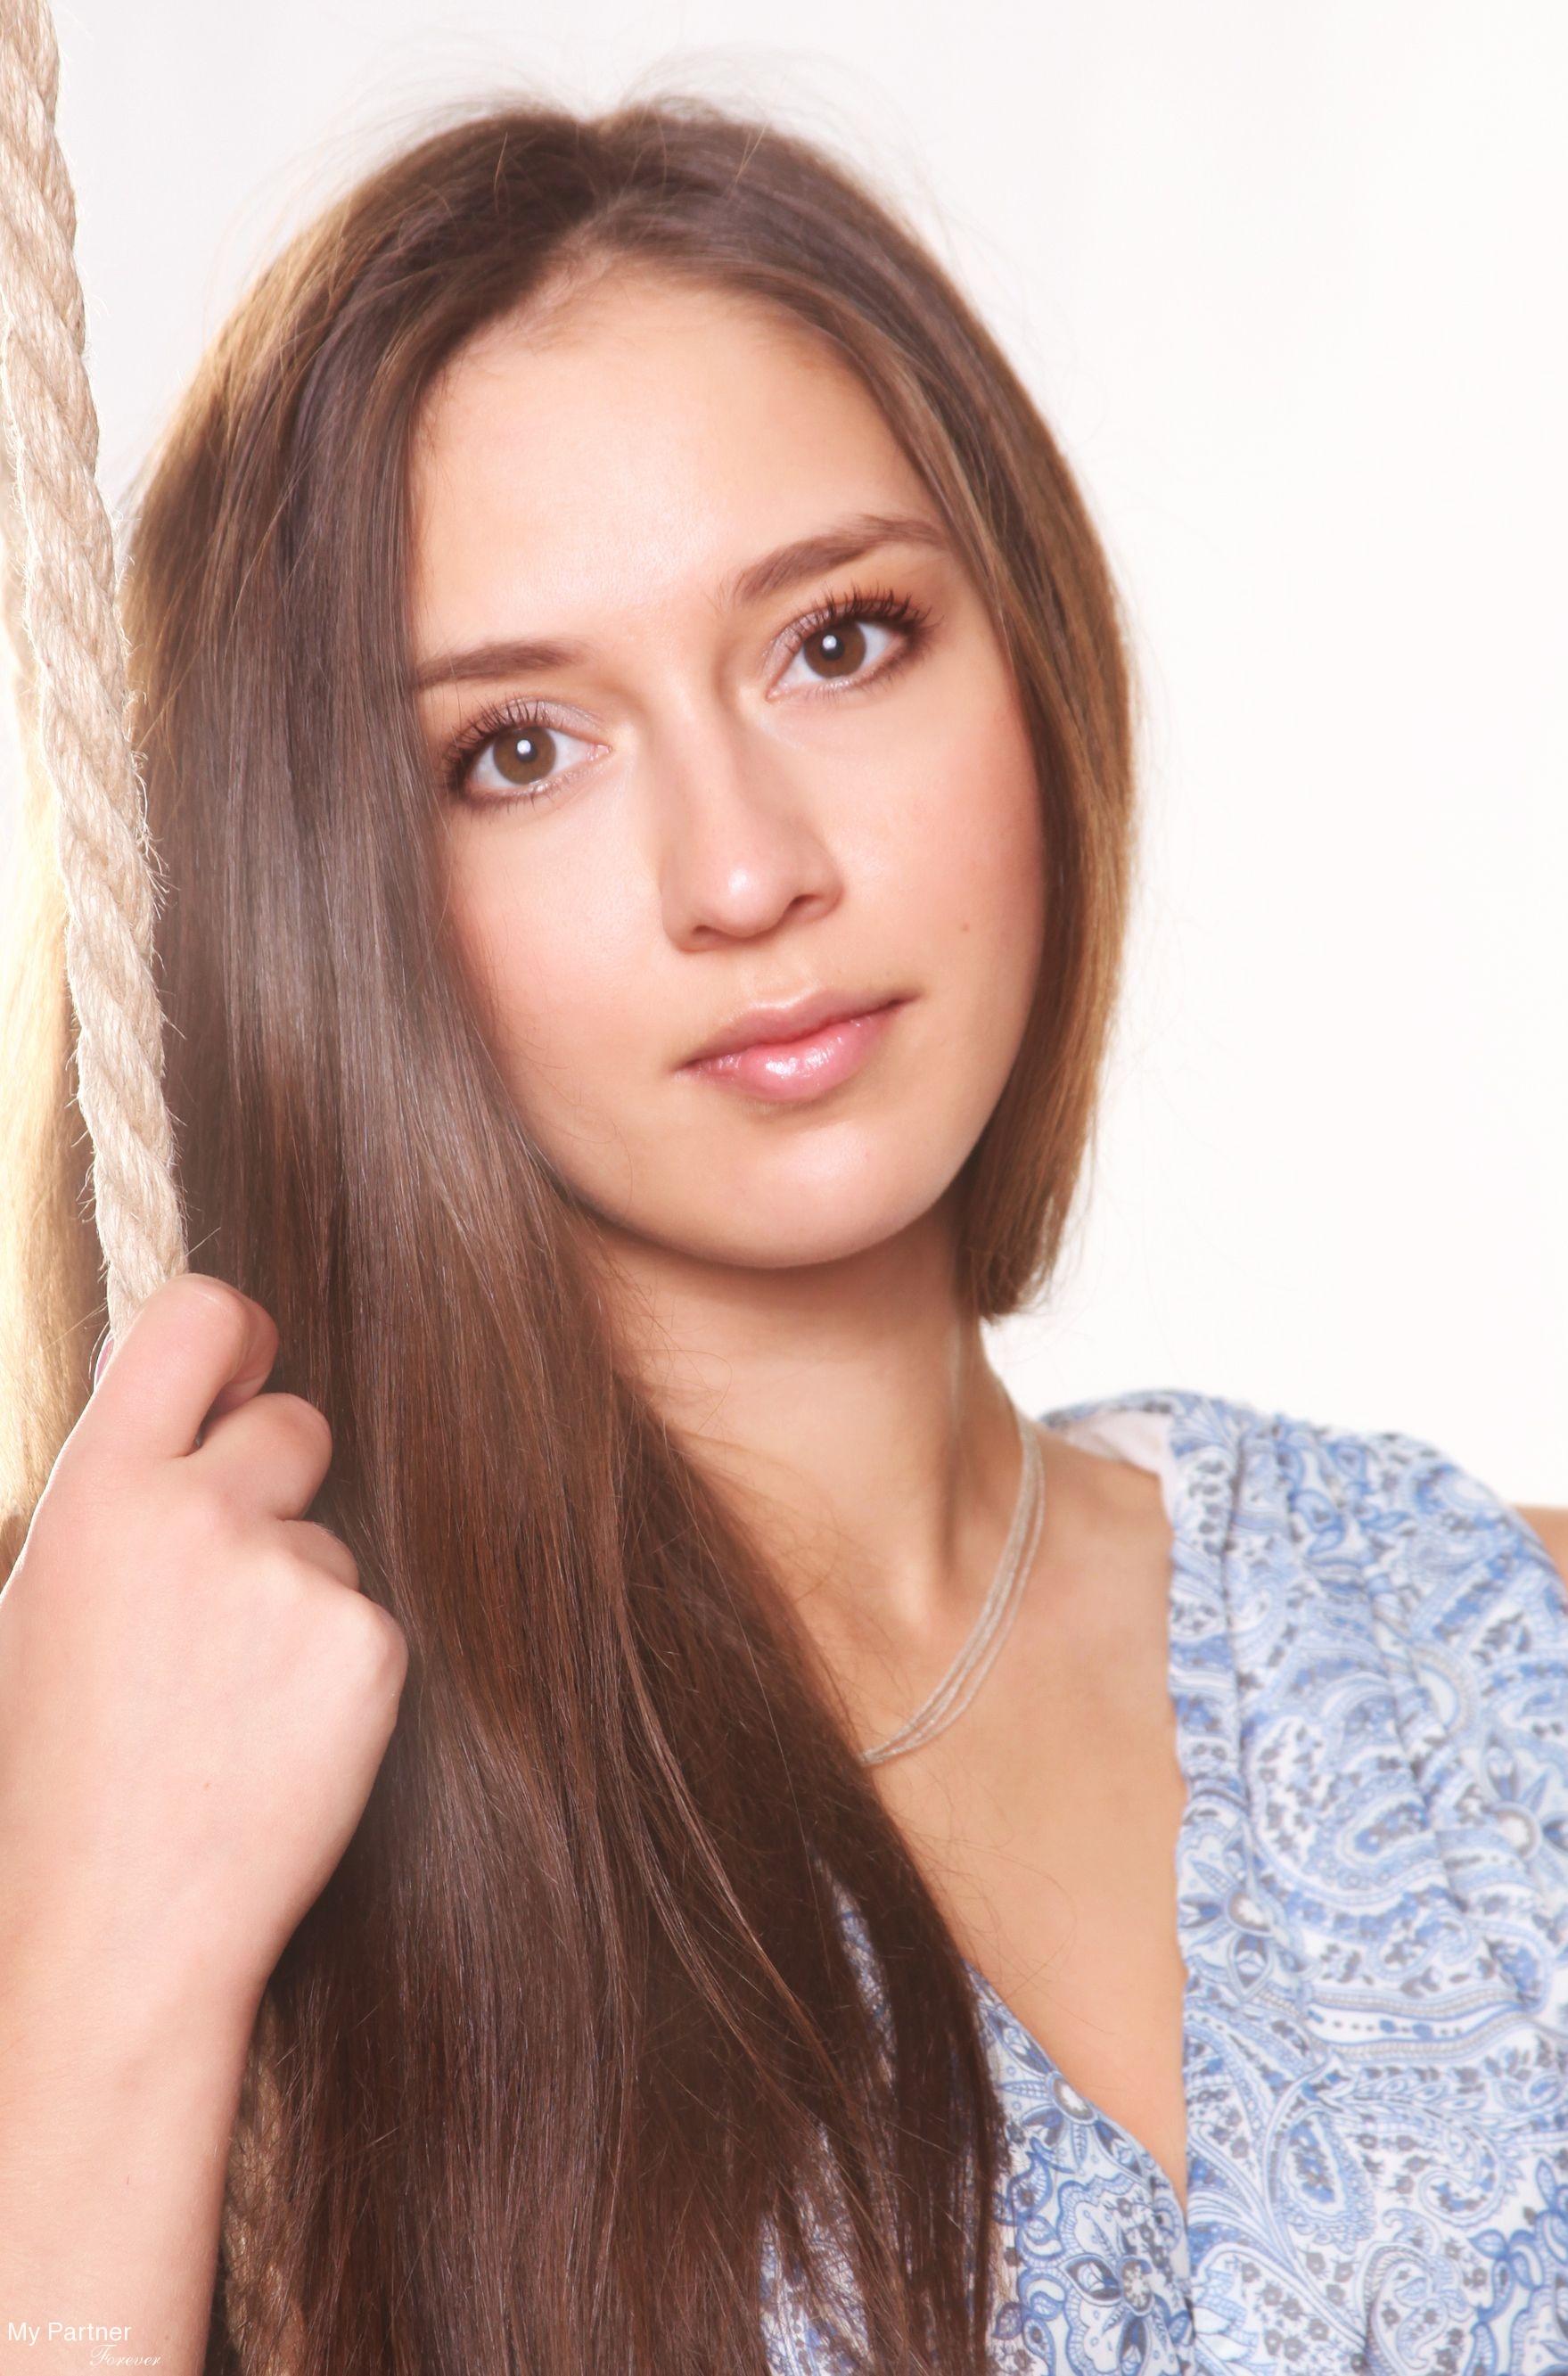 Beautiful Russian Women From Russianeuro 109